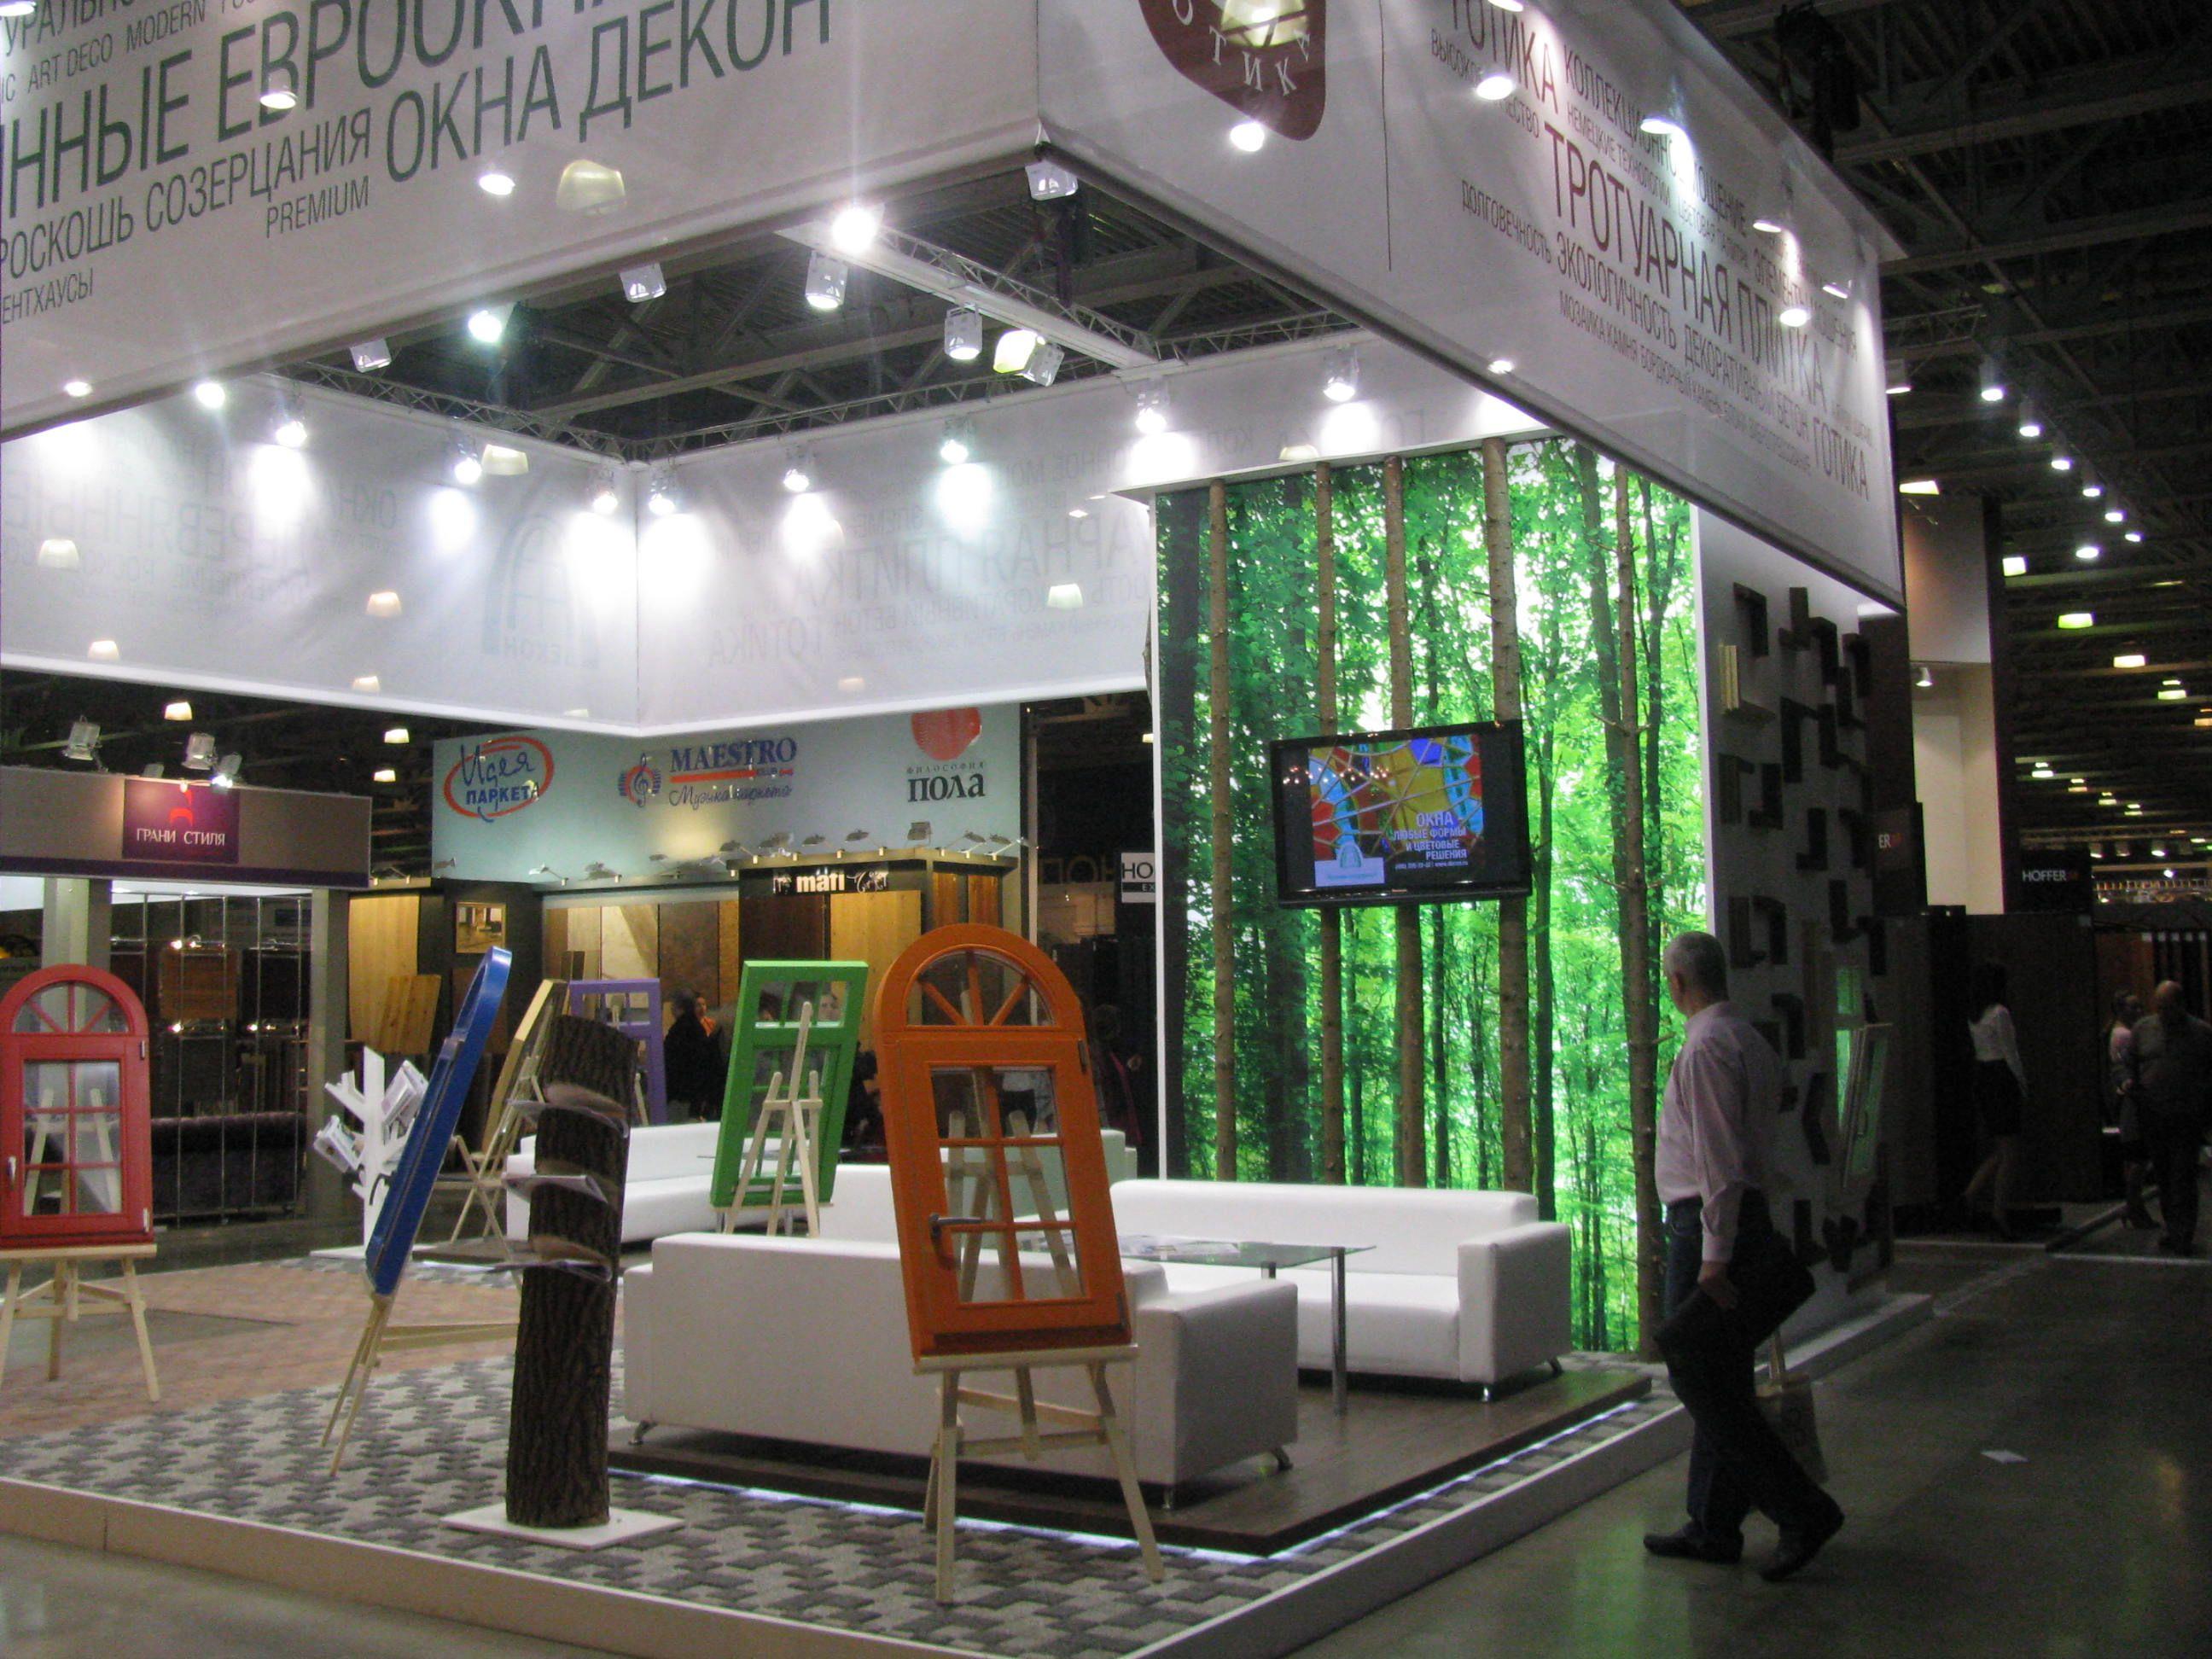 Expo Exhibition Stands Price : Das werk